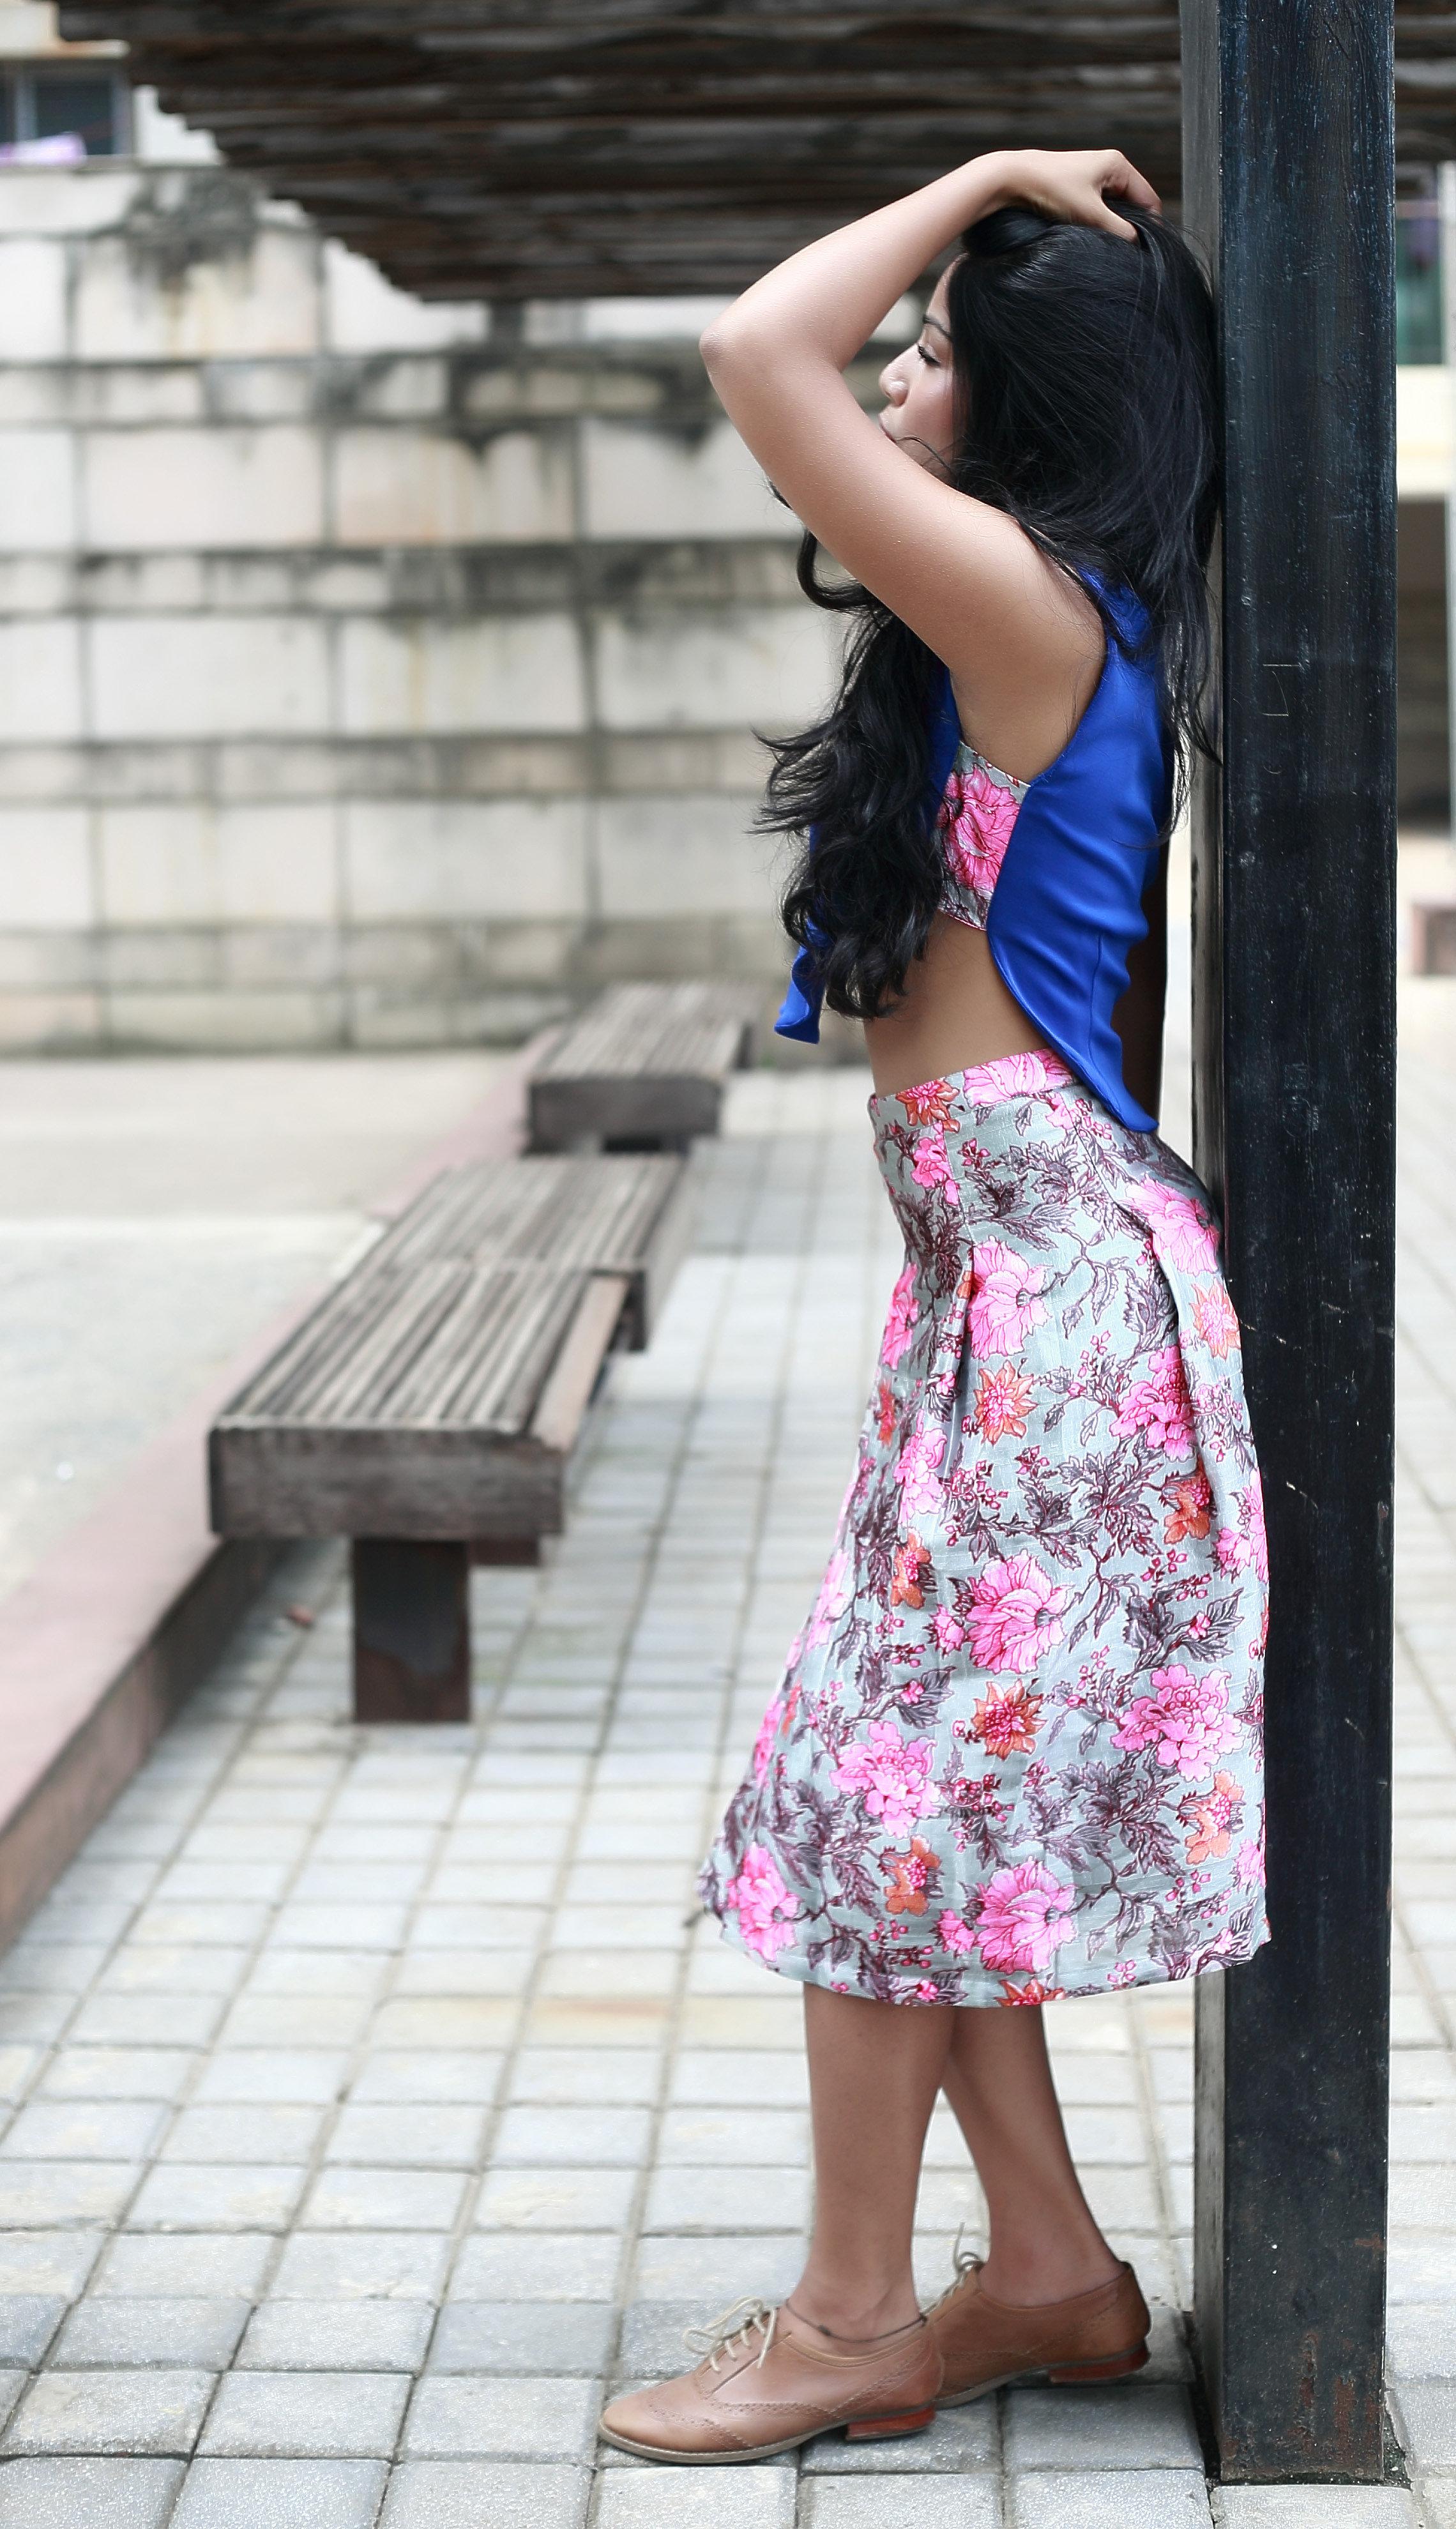 The Styledge Fashion Lifestyle Blog